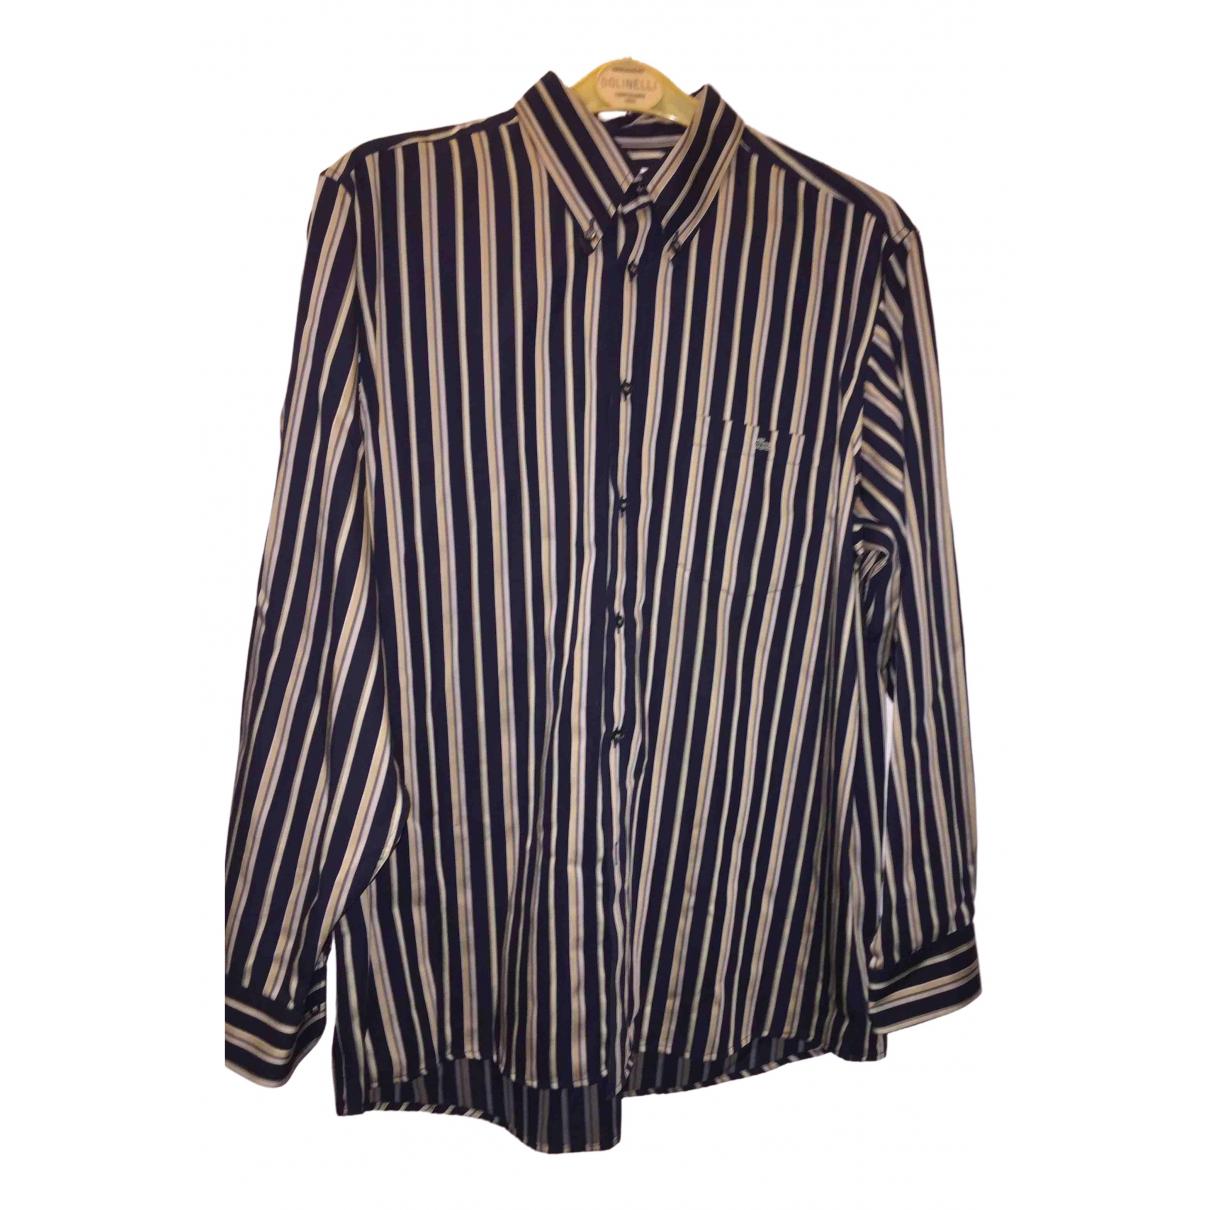 Lacoste N Black Cotton Shirts for Men 44 EU (tour de cou / collar)